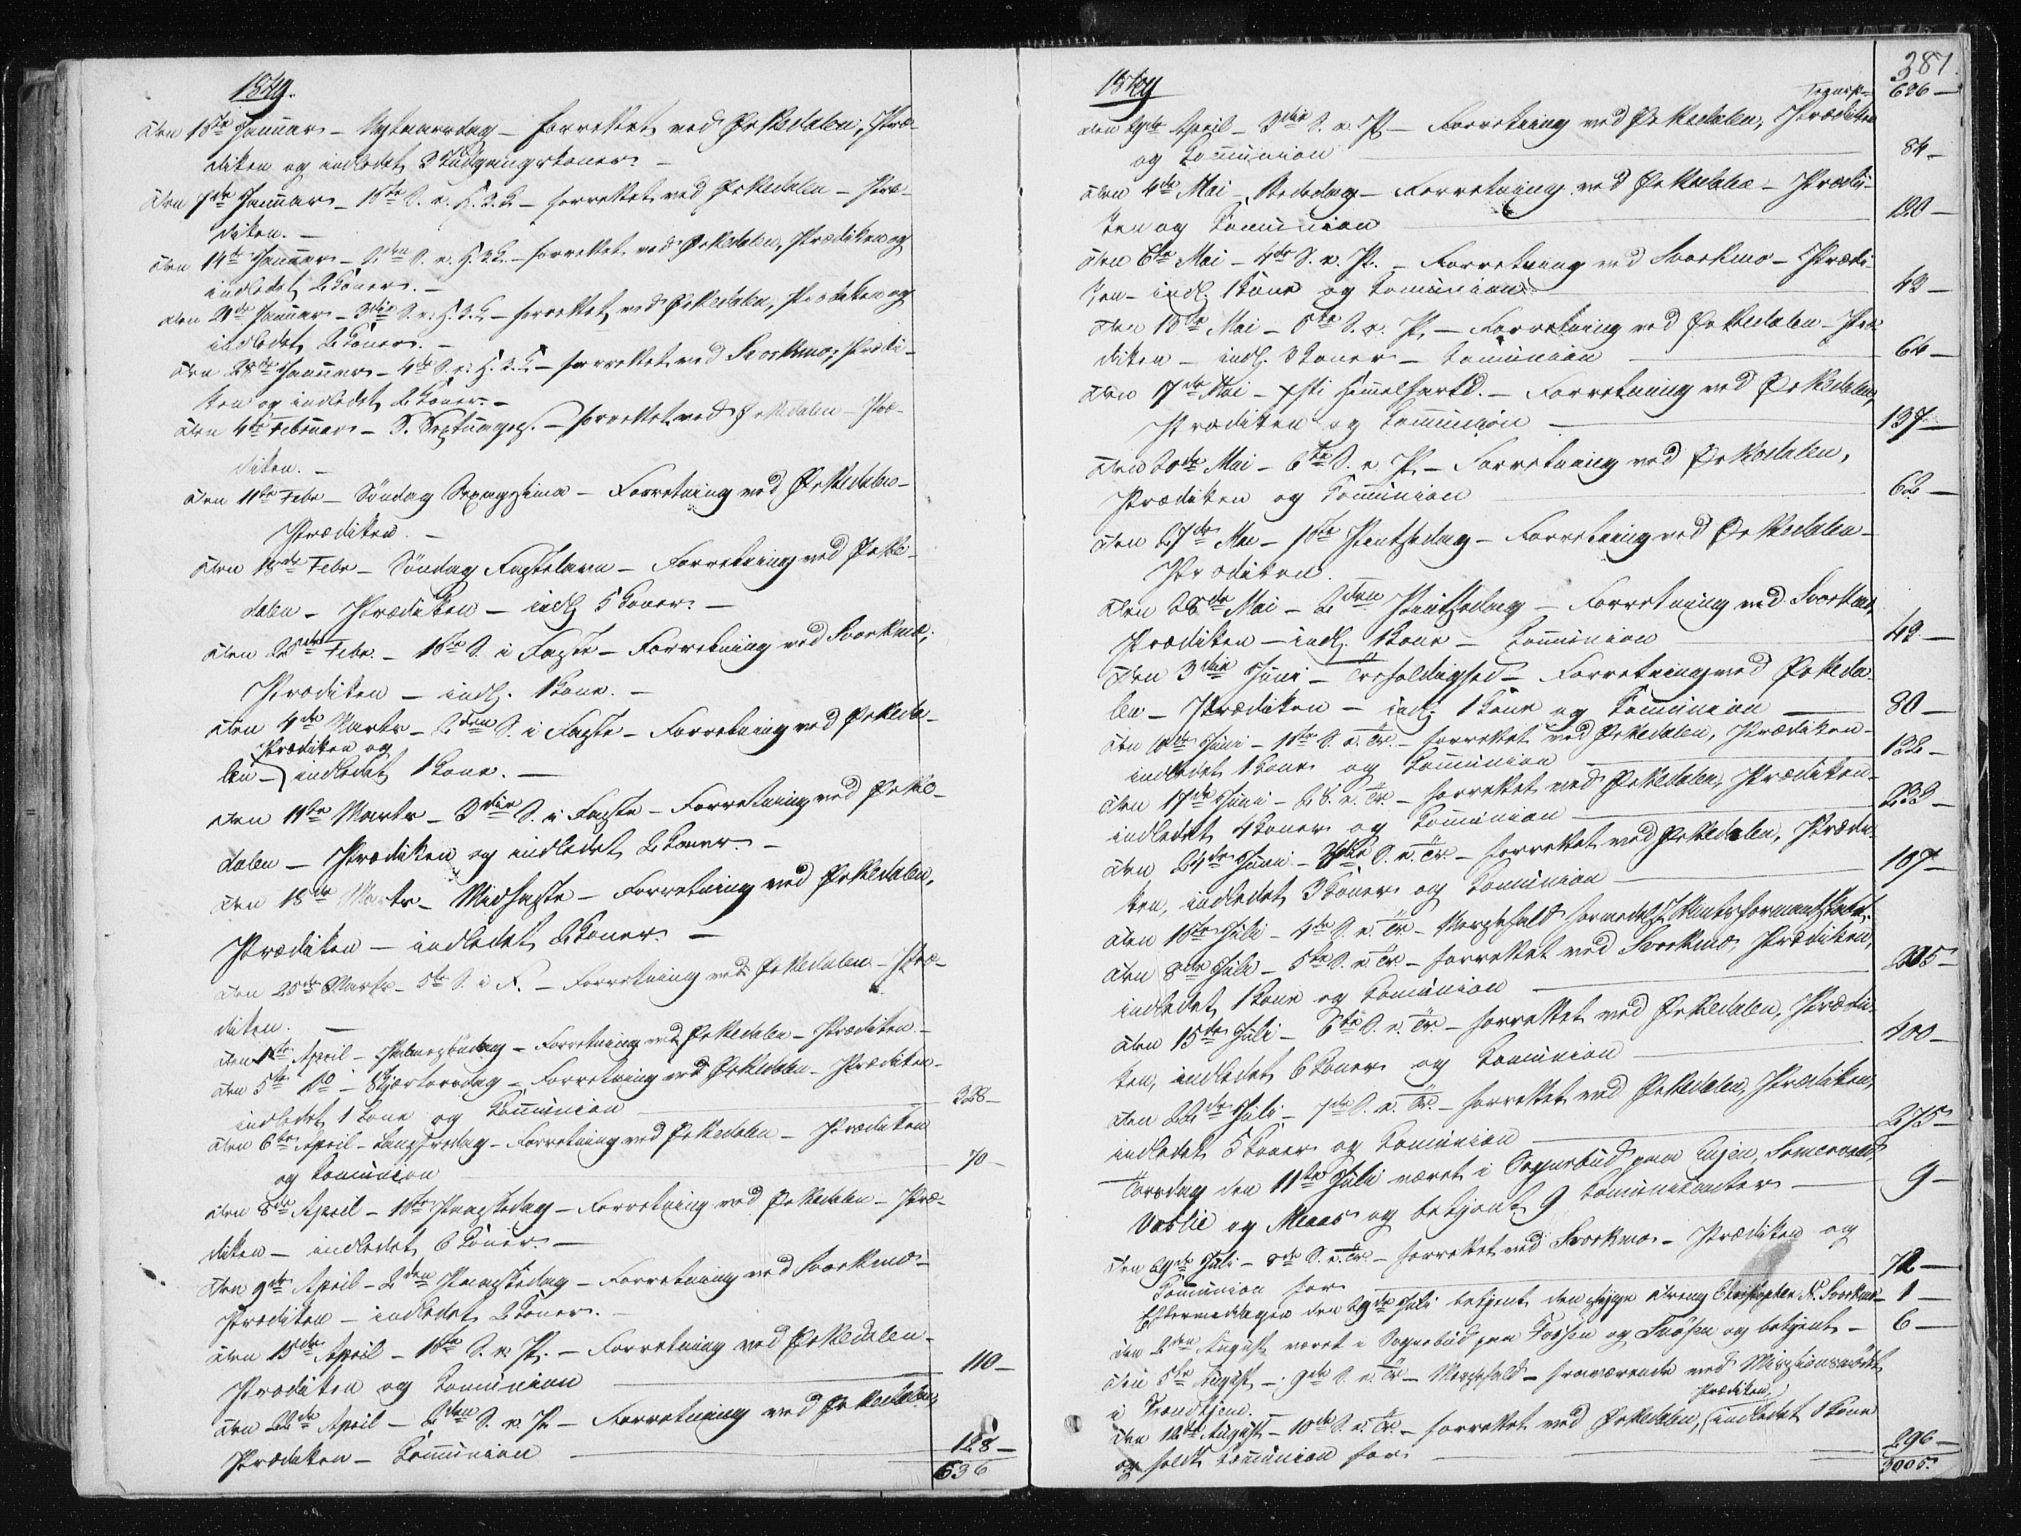 SAT, Ministerialprotokoller, klokkerbøker og fødselsregistre - Sør-Trøndelag, 668/L0805: Ministerialbok nr. 668A05, 1840-1853, s. 387